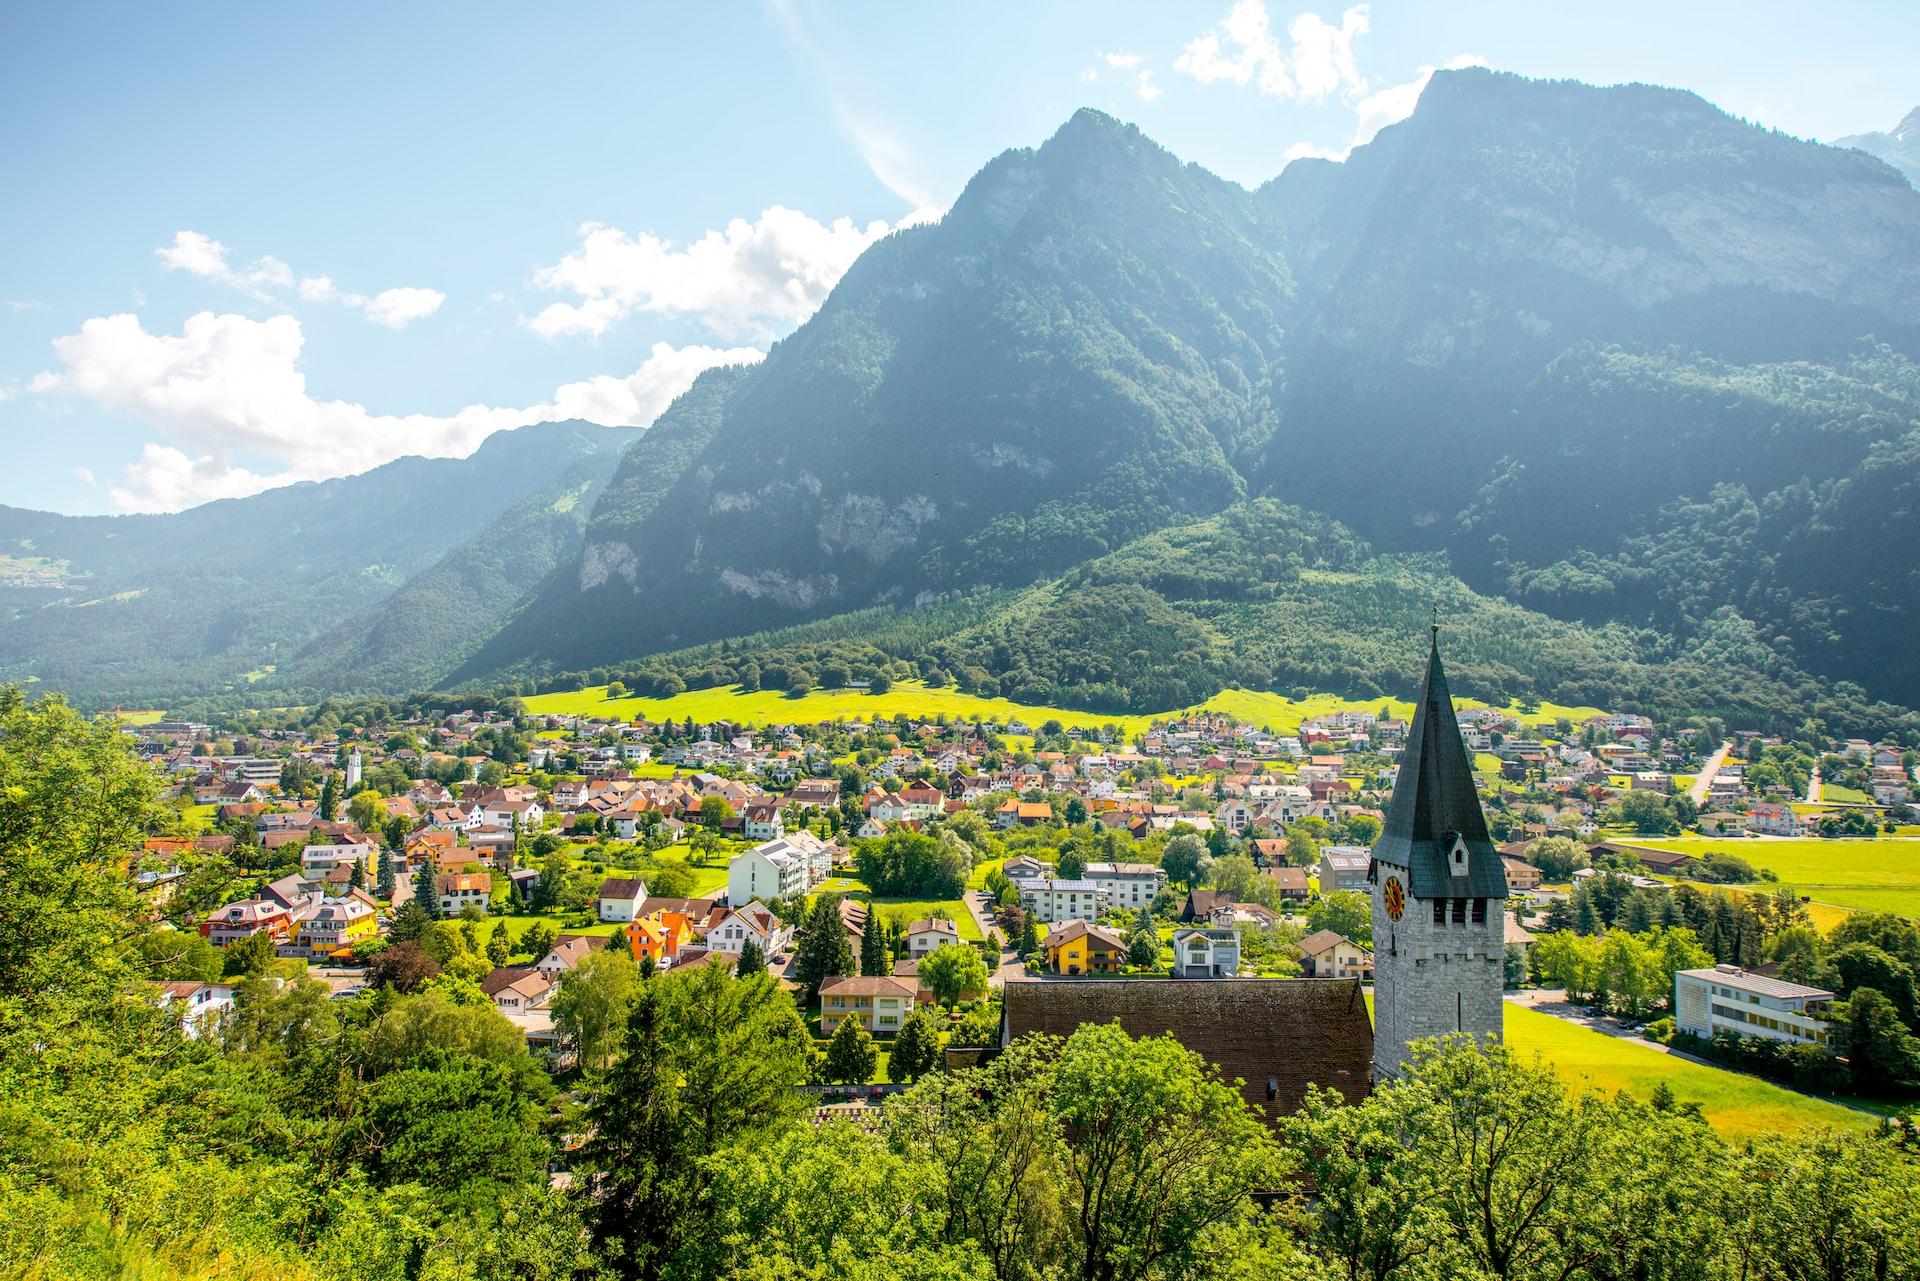 достопримечательности лихтенштейна фото и описание запрос кавычки лотос